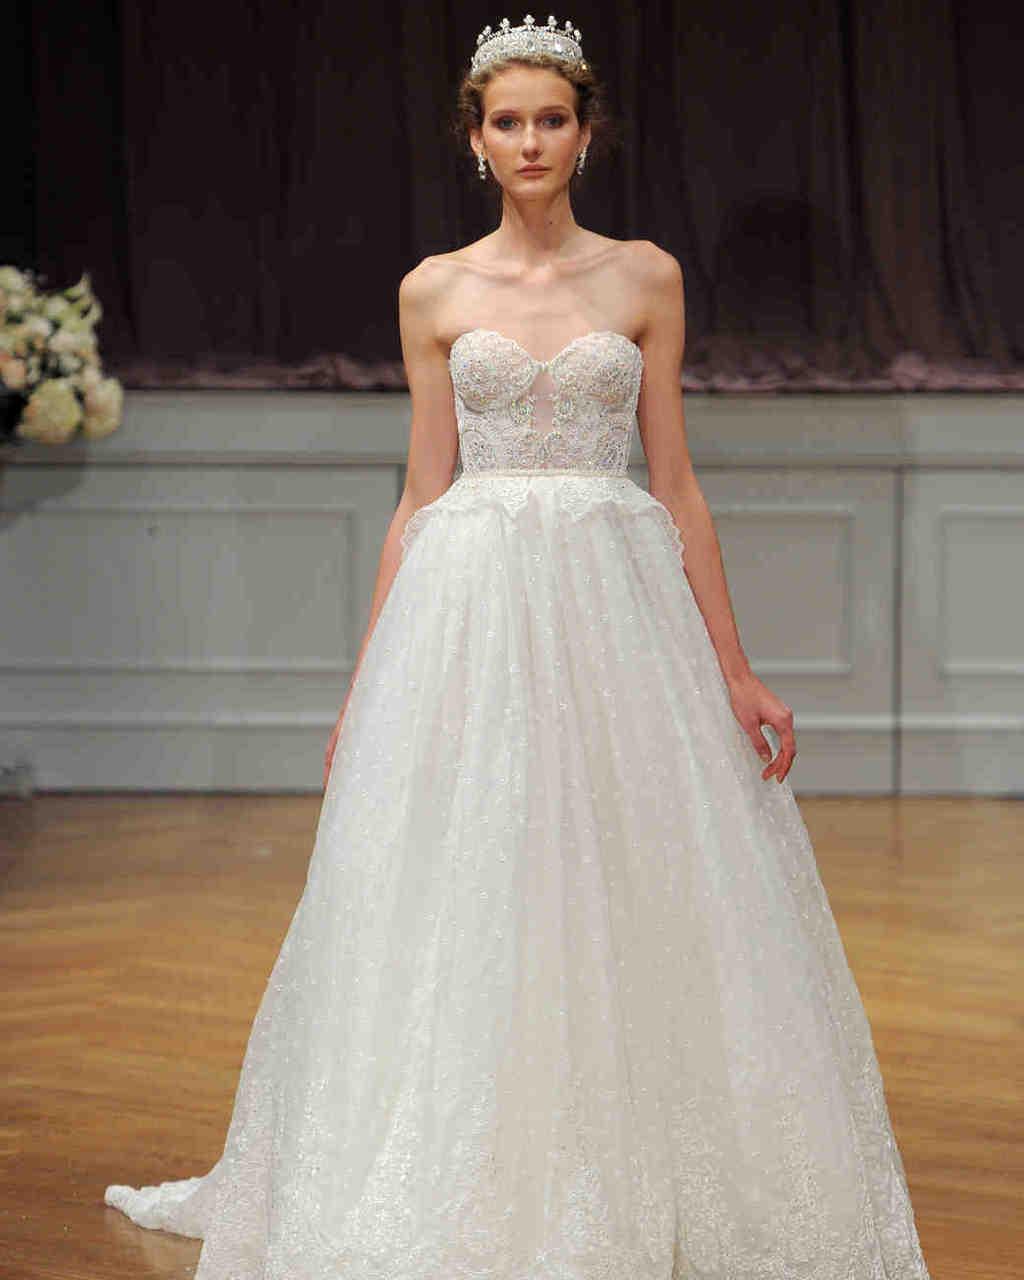 alon-livne-white-wedding-dress-fall2017-6203351-035_vert